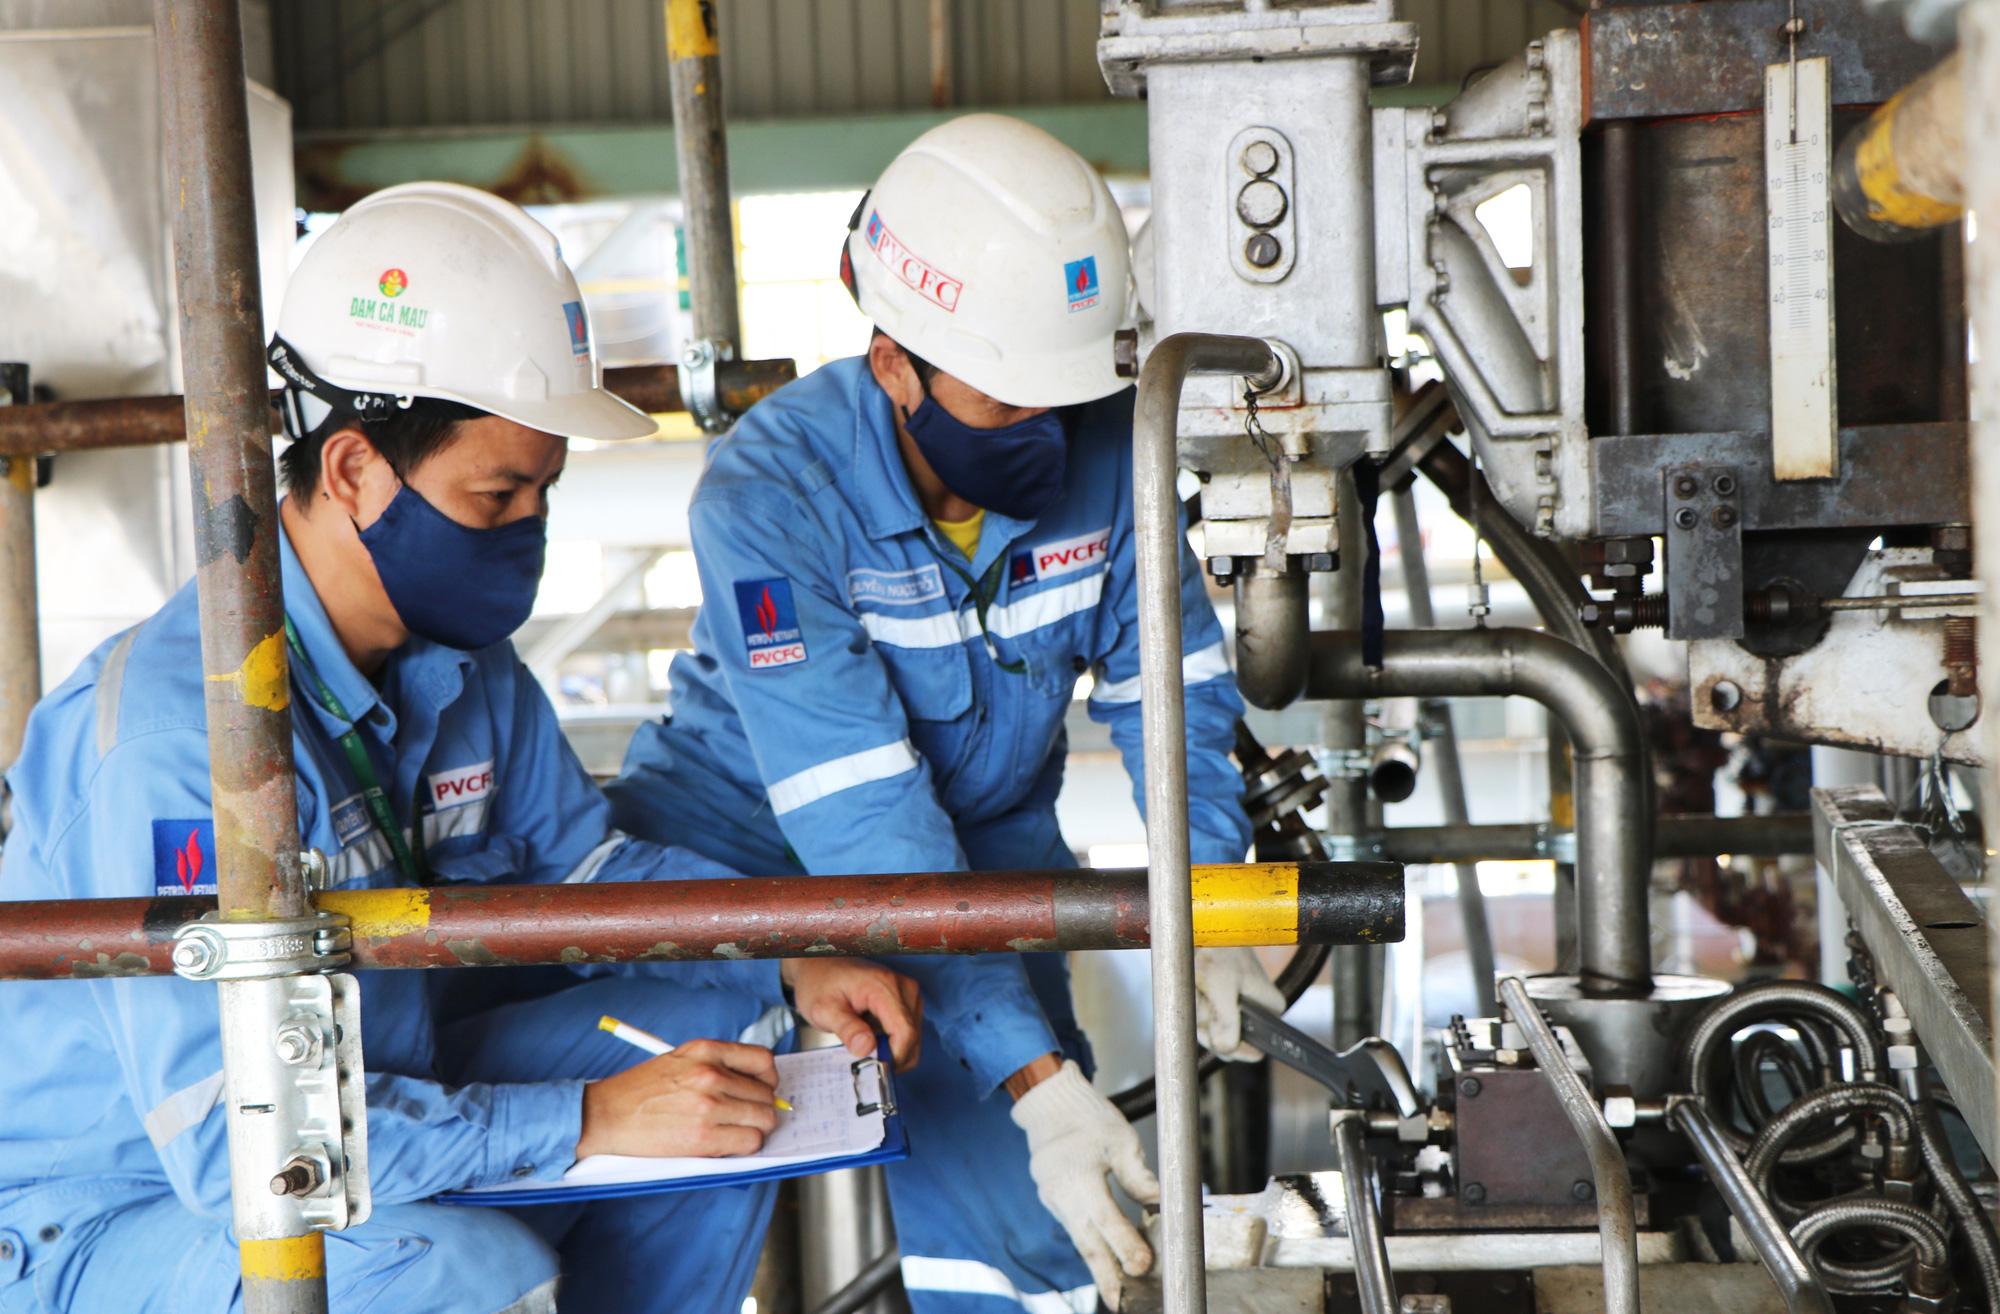 Nhà máy Đạm Cà Mau hoàn thành bảo dưỡng vượt tiến độ năm 2020 - Ảnh 3.